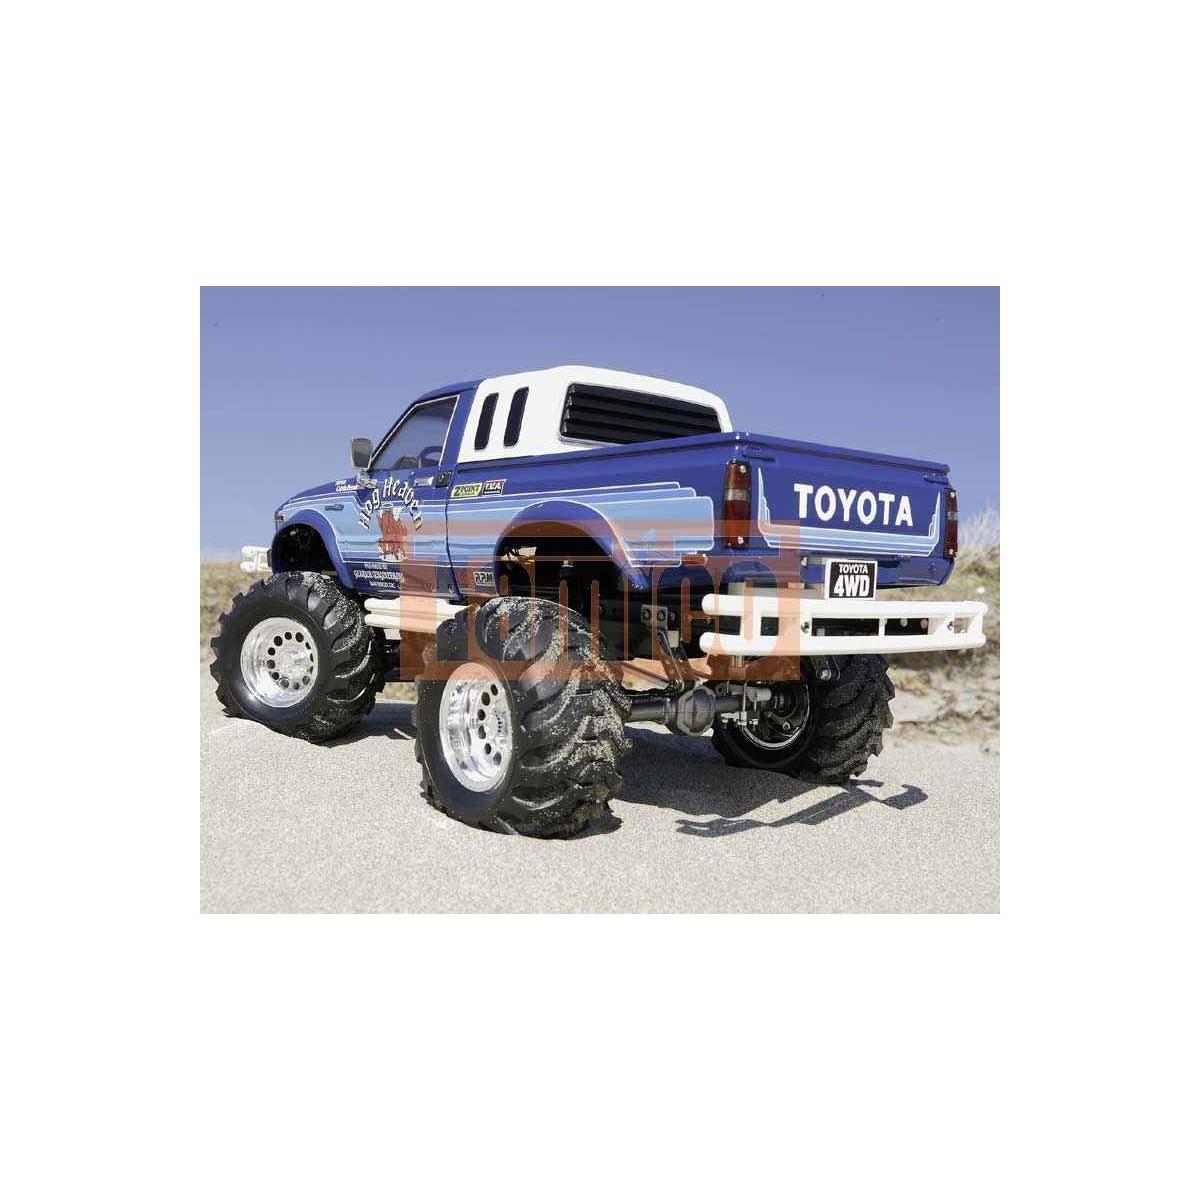 Toyota Pickup 4x4 >> Tamiya Toyota 4x4 Pick Up Bruiser Rn36 2012 Bausatz 58519